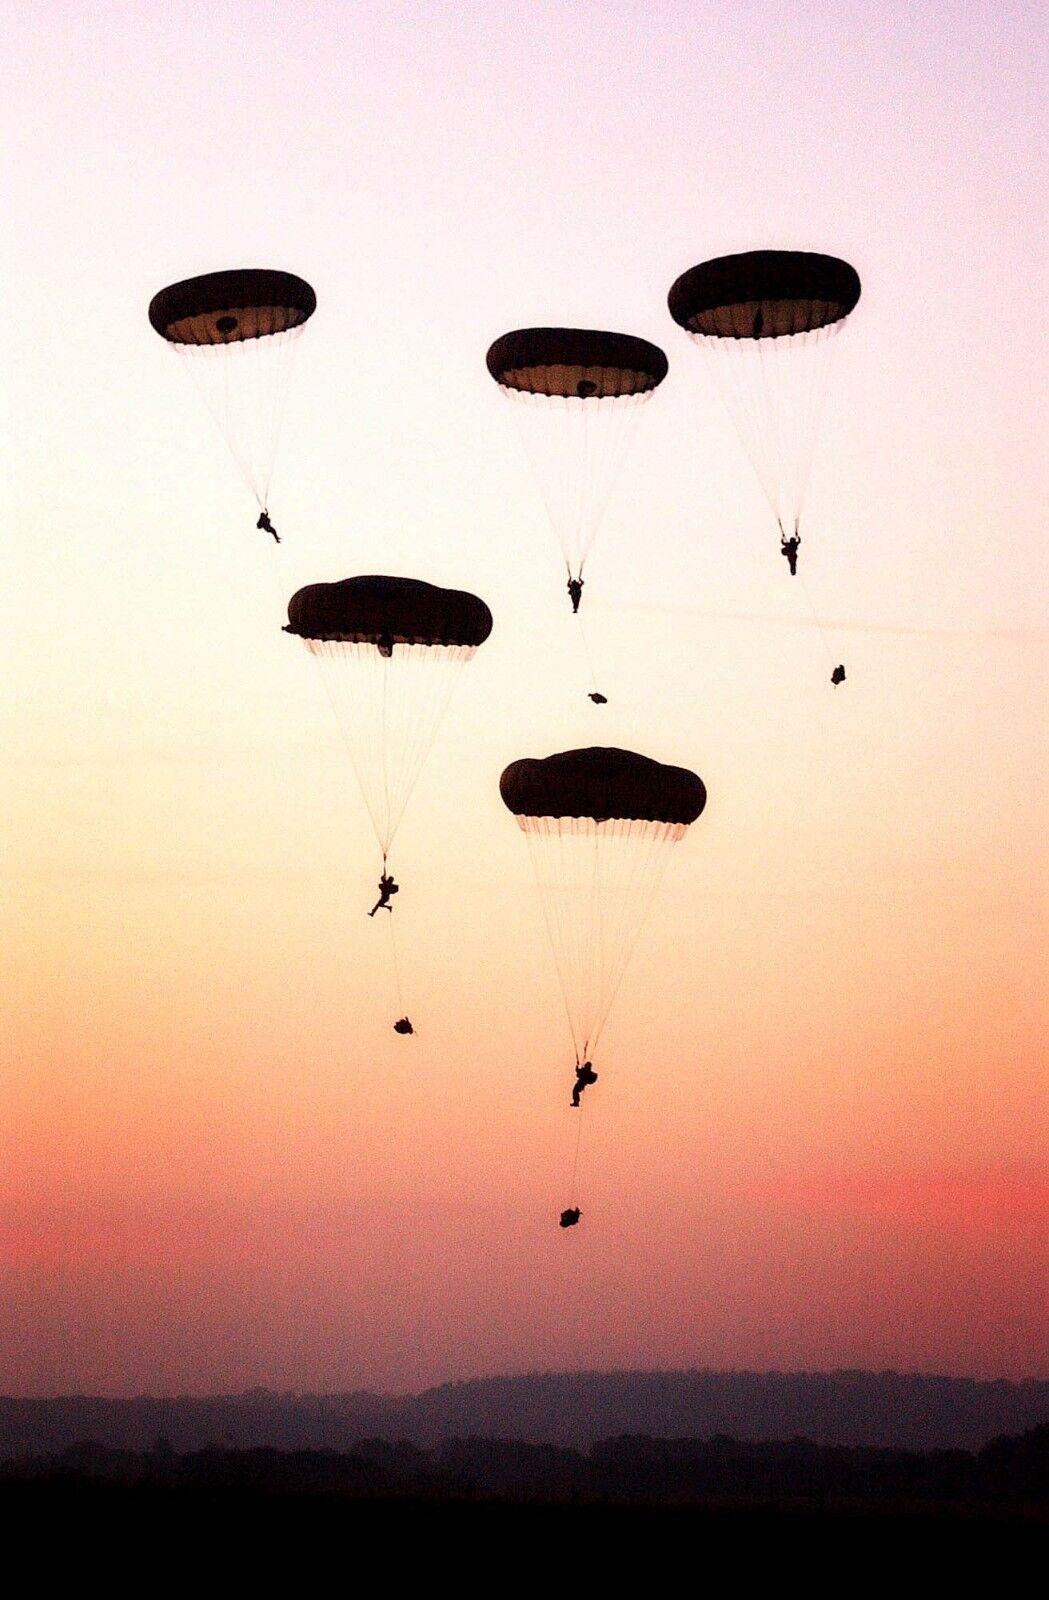 ARMY 16 Air Assault Brigade Parachute jump Photo Print